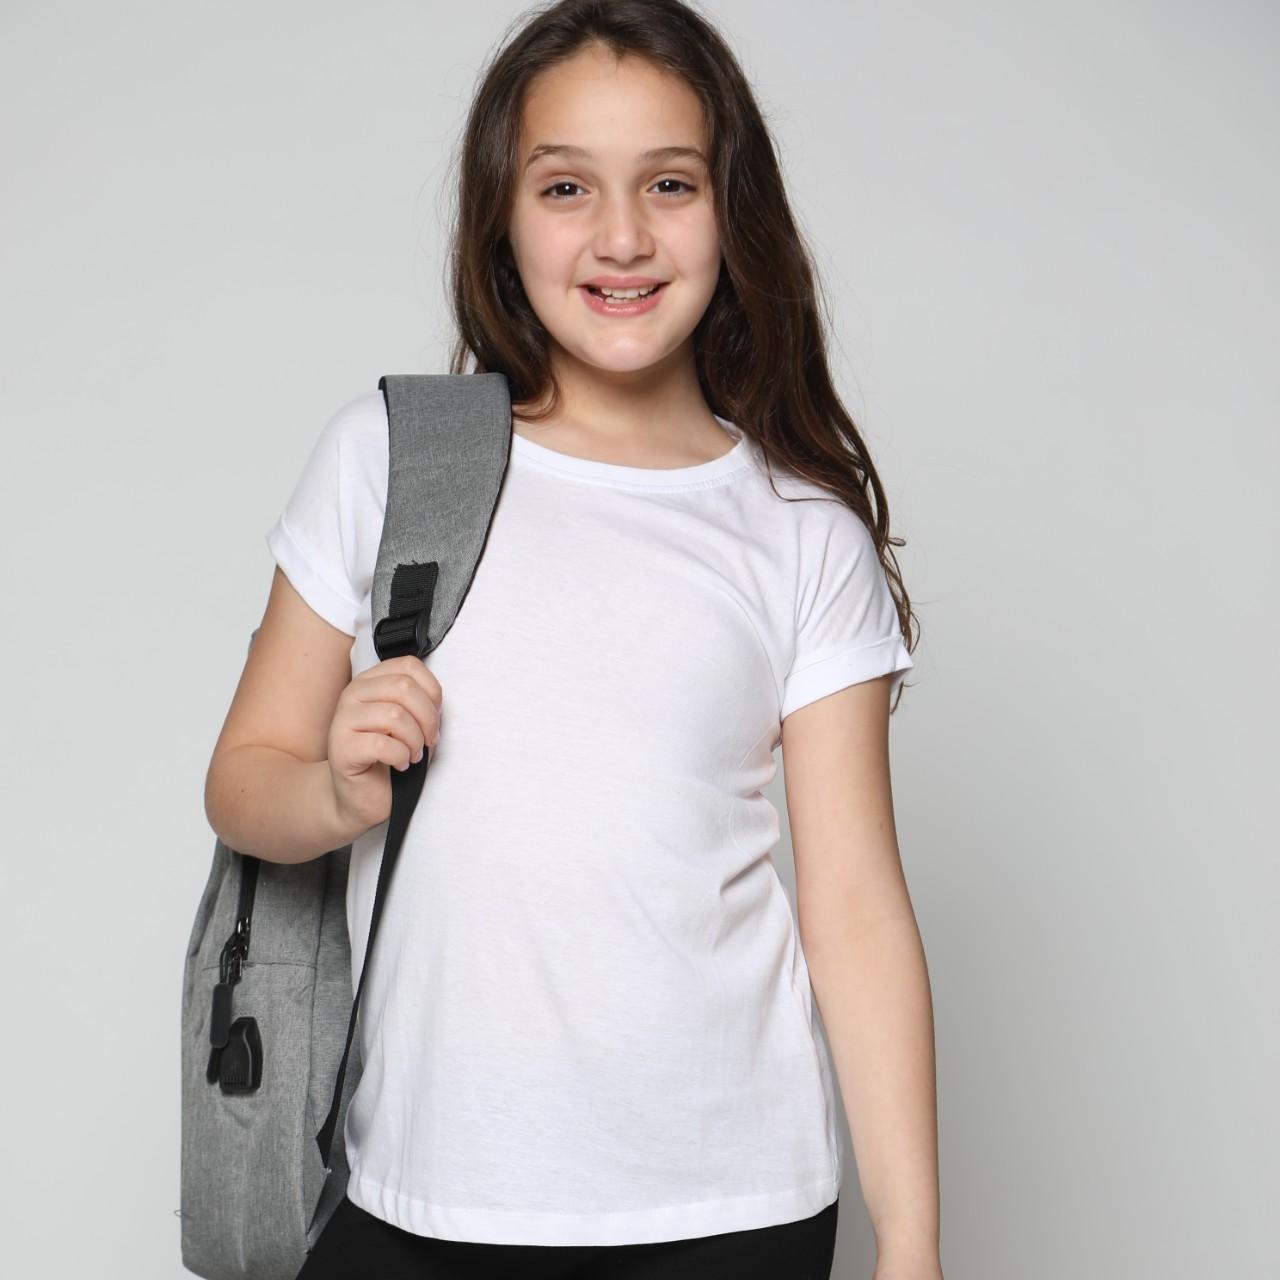 חולצה בית ספר בת לבן/שחור מבצע 8 ב-99.90 ₪